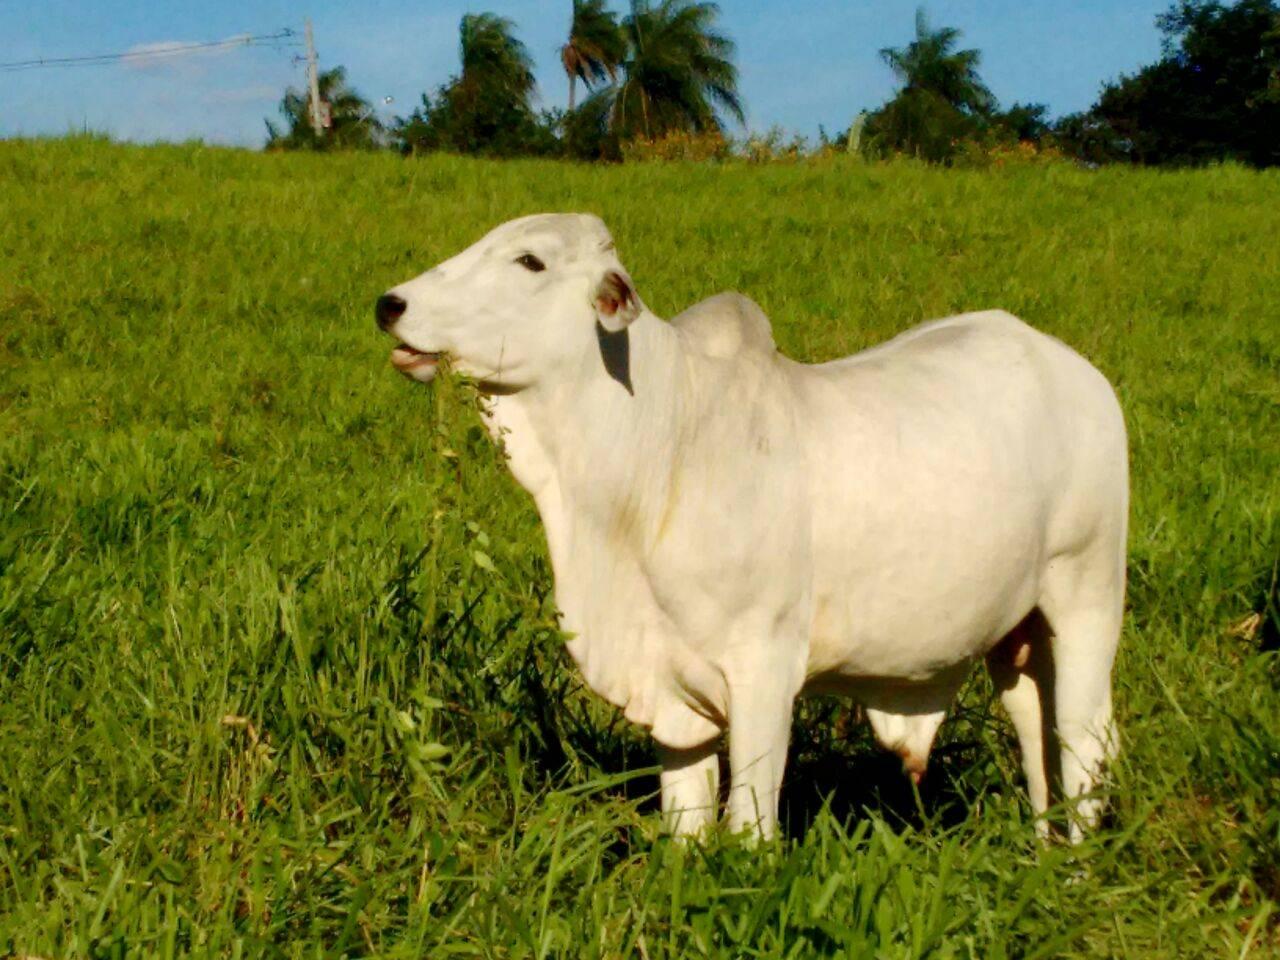 Ganado bovino bajo pastoreo. Brasil. Foto: Bruno Alves.